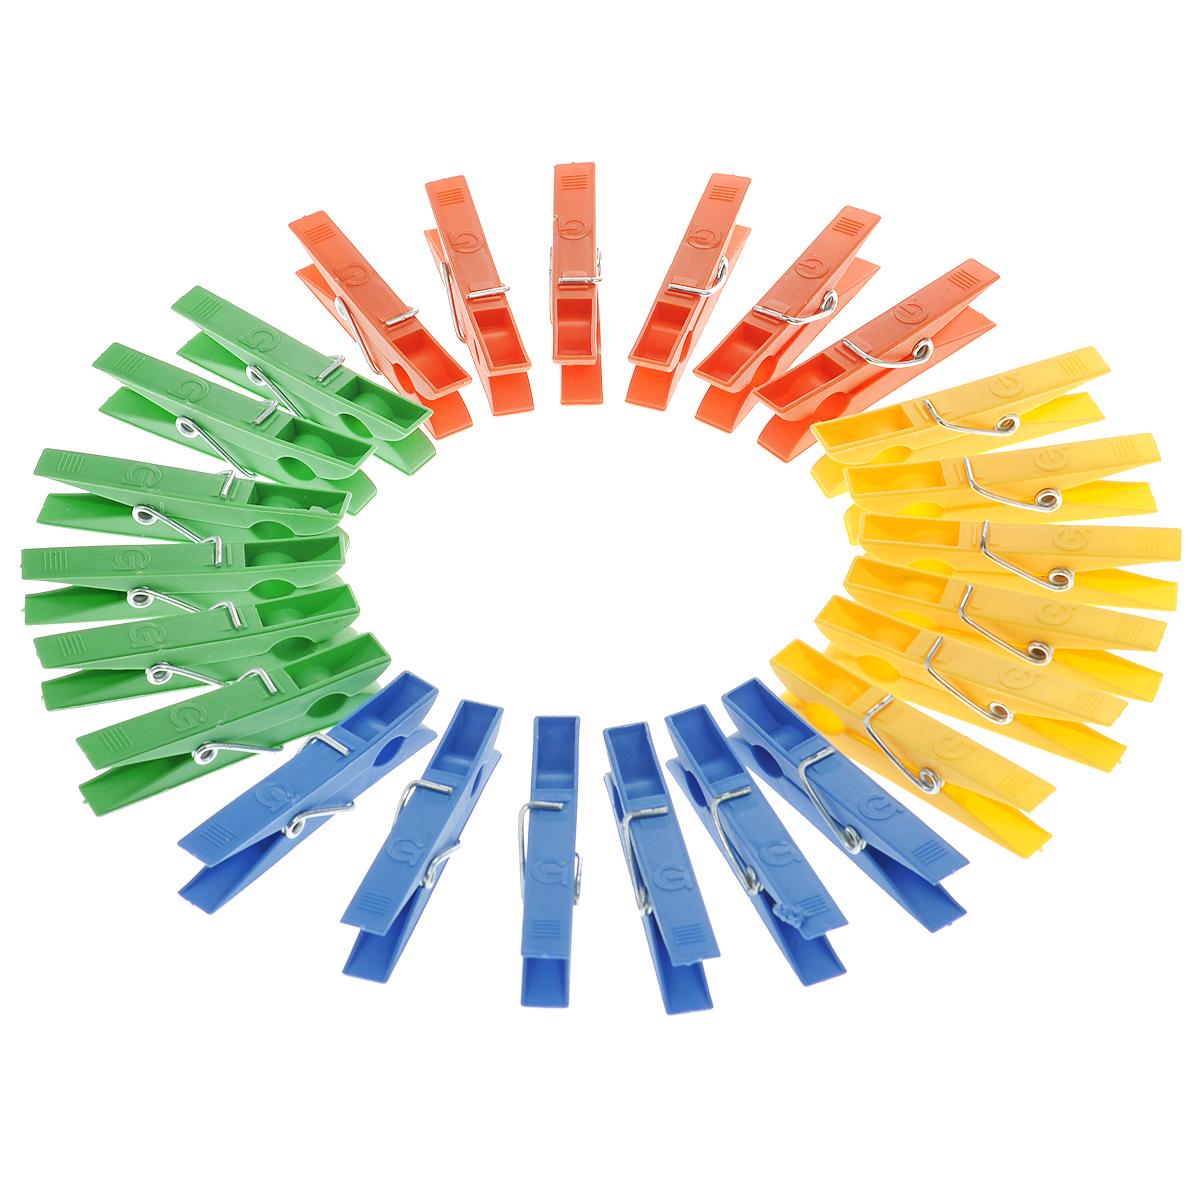 Прищепки цветные Хозяюшка Мила, малые, 24 шт36046Прищепки Хозяюшка Мила, изготовленные из пластика, станут незаменимыми для любой хозяйки. Изделия выполнены в четырех цветах: зеленом, синем, желтом и оранжевом. В наборе - 24 прищепки. Длина прищепки: 7 см. Комплектация: 24 шт.